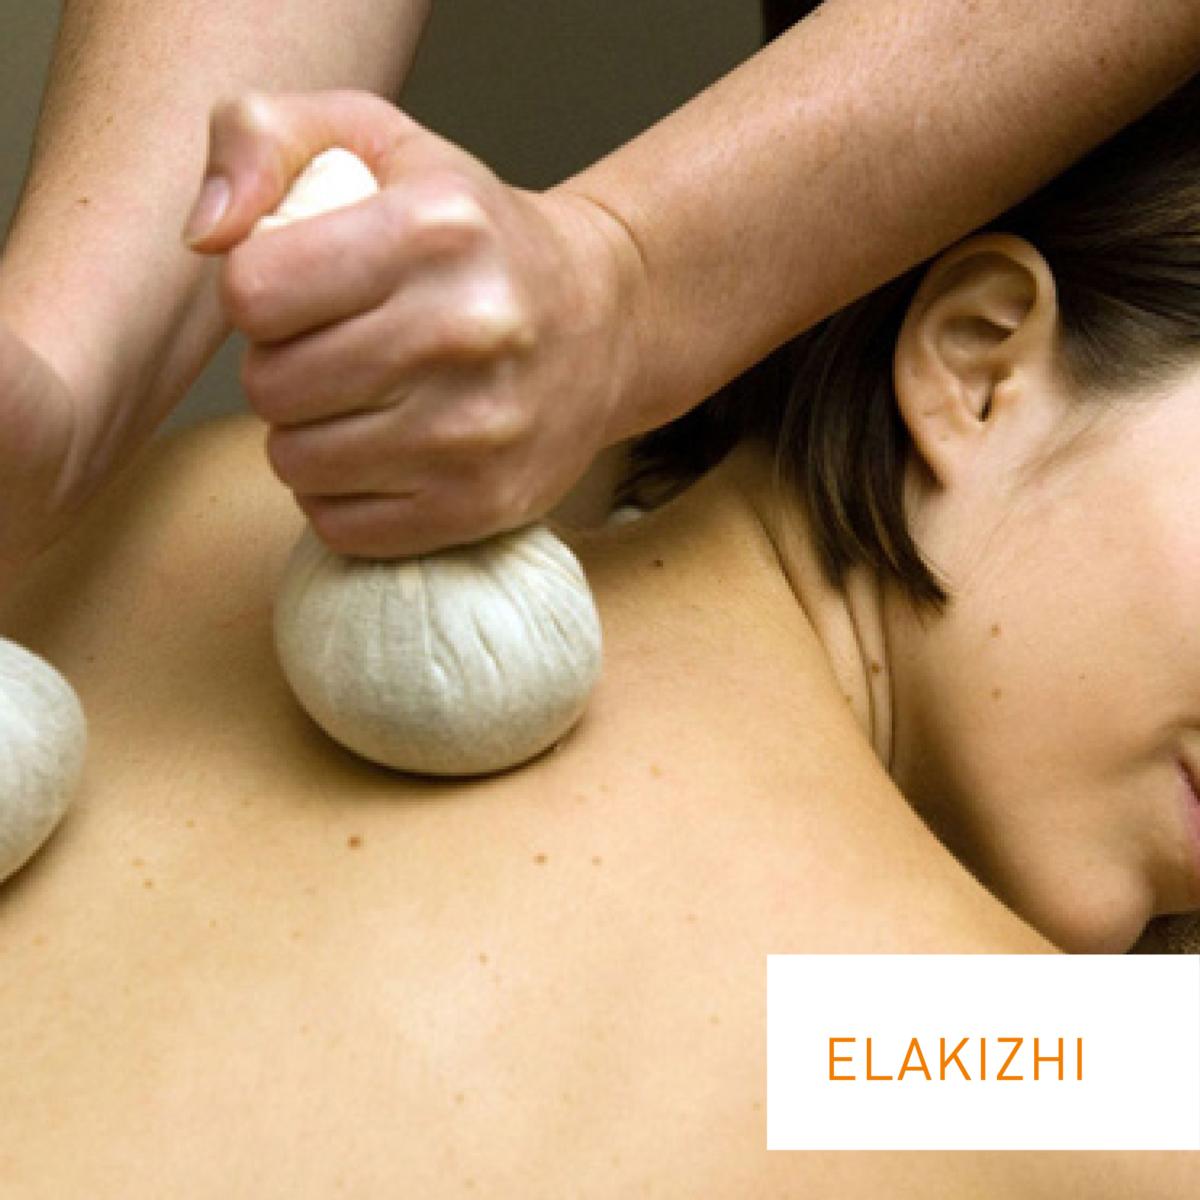 Elakizhi-Health-Holistic-Blog-1200x1200.png